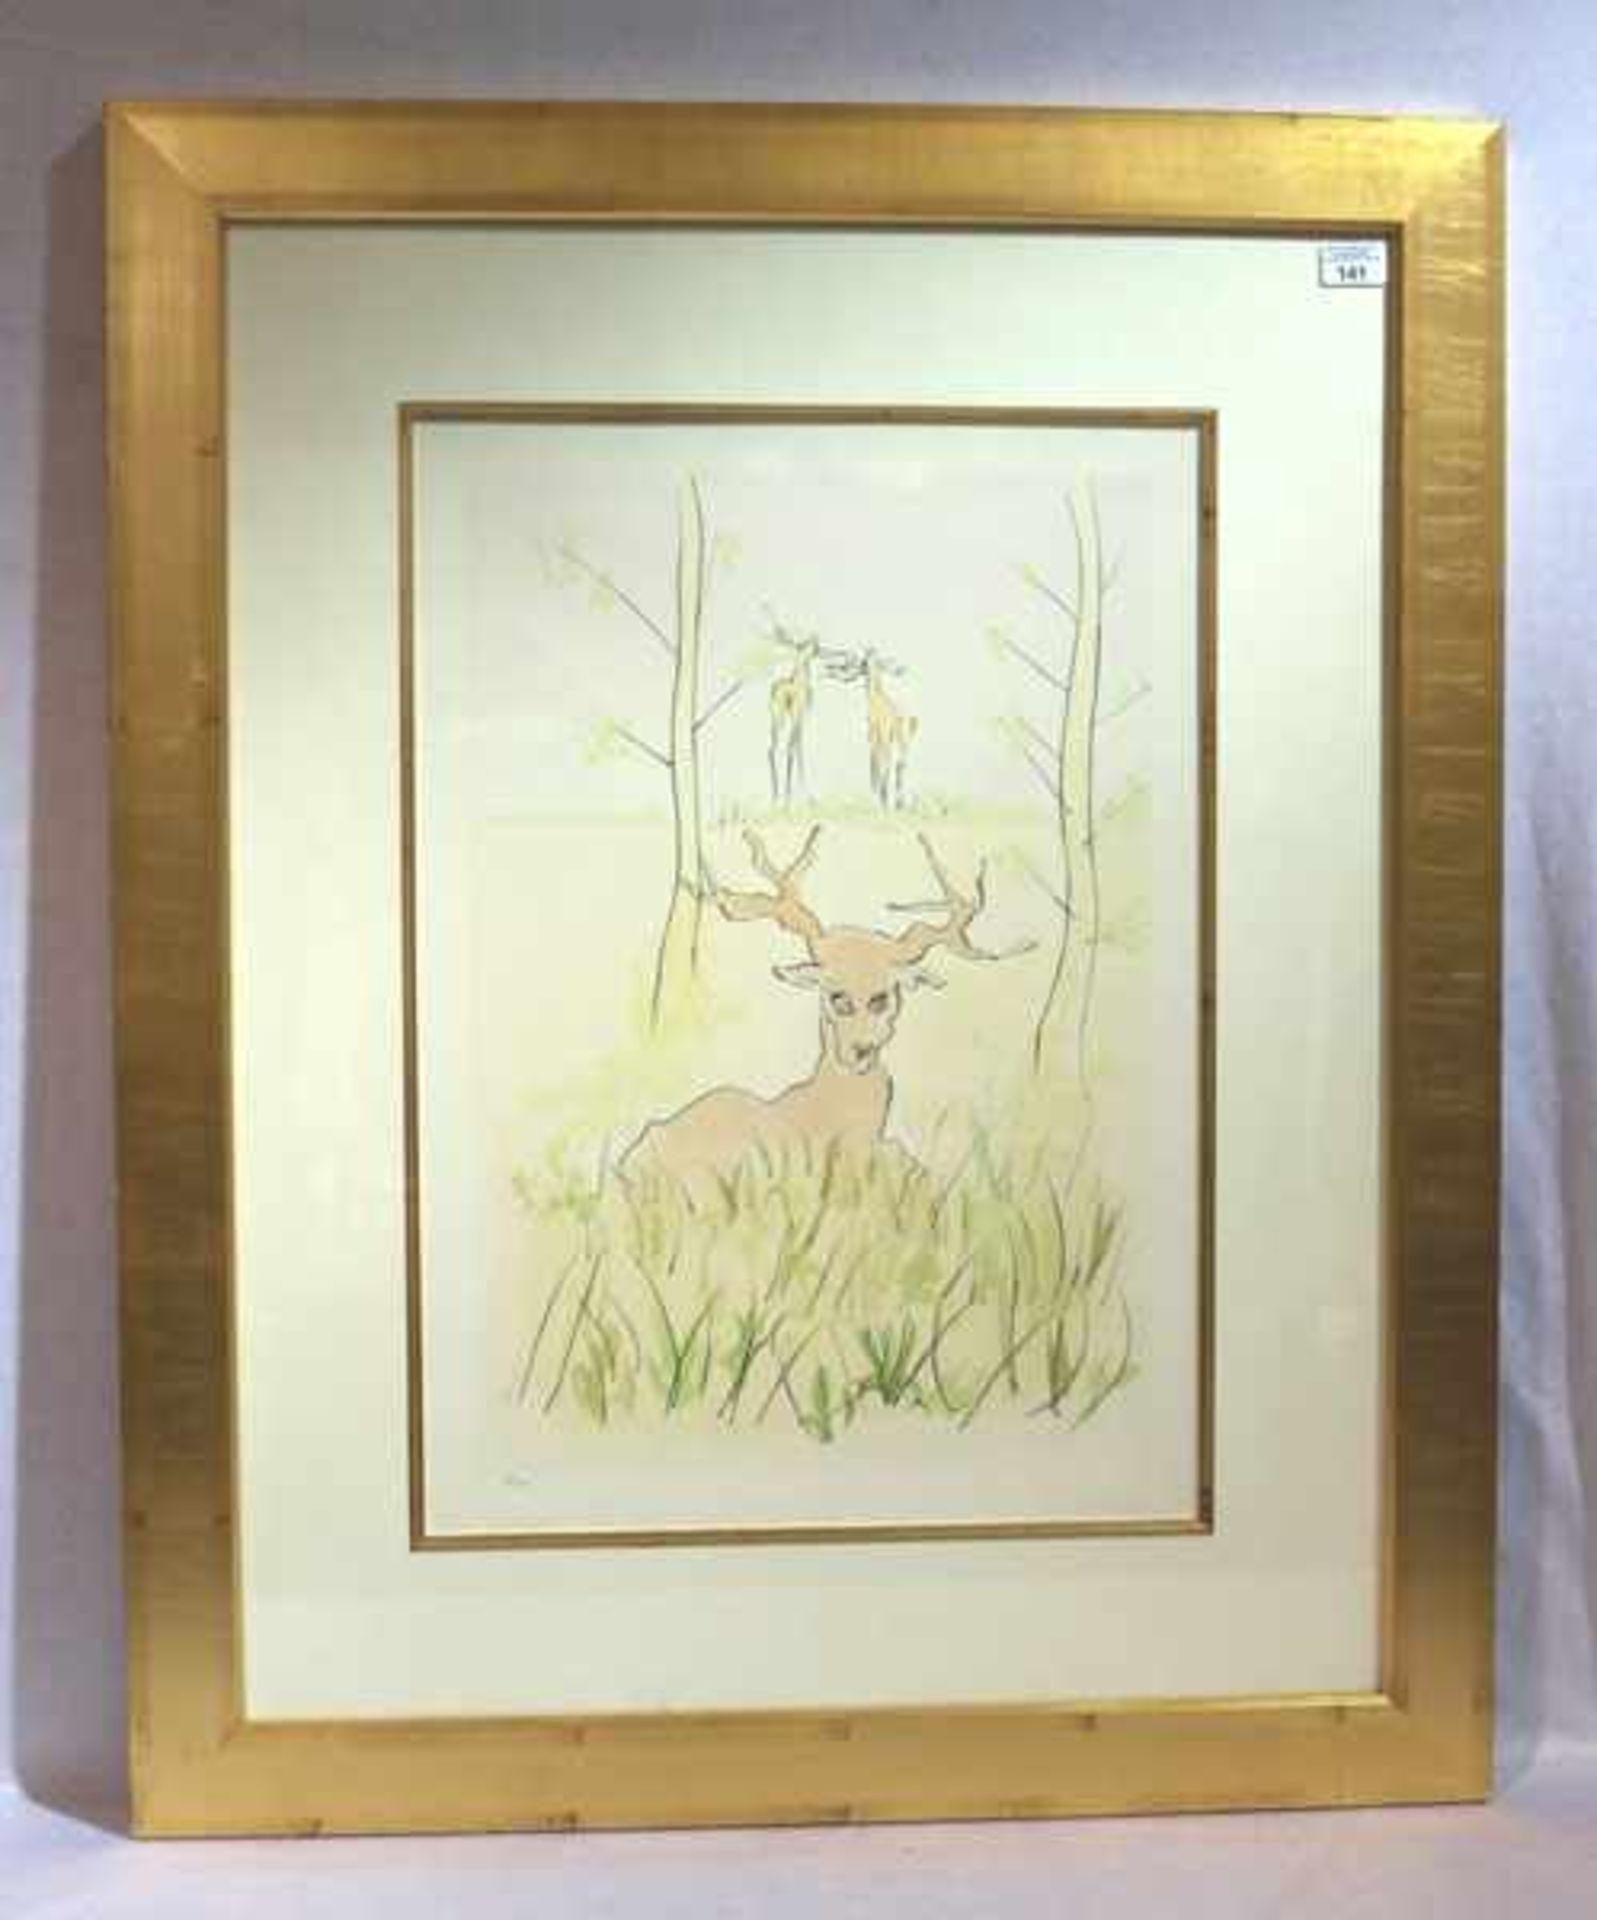 Los 141 - Grafik 'Hirsch', in der Platte signiert Dali, Nr. 96/500, mit Passepartout unter Glas gerahmt,